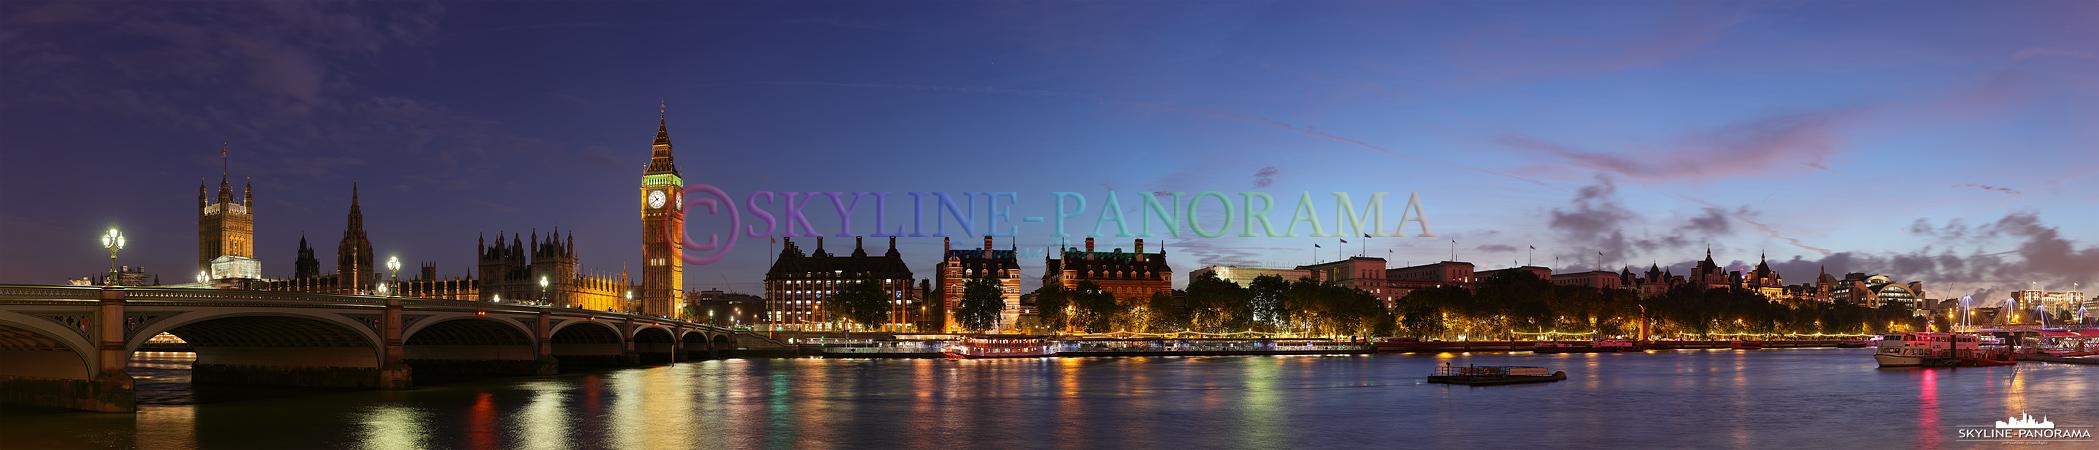 Bilder aus London - Panorama vom Themse Ufer auf den Londoner Stadtteil Westminster mit Blick auf die Westminster Bridge, dem dahinter liegenden Palace of Westminster und dem abendlich beleuchteten Glockenturm Big Ben.